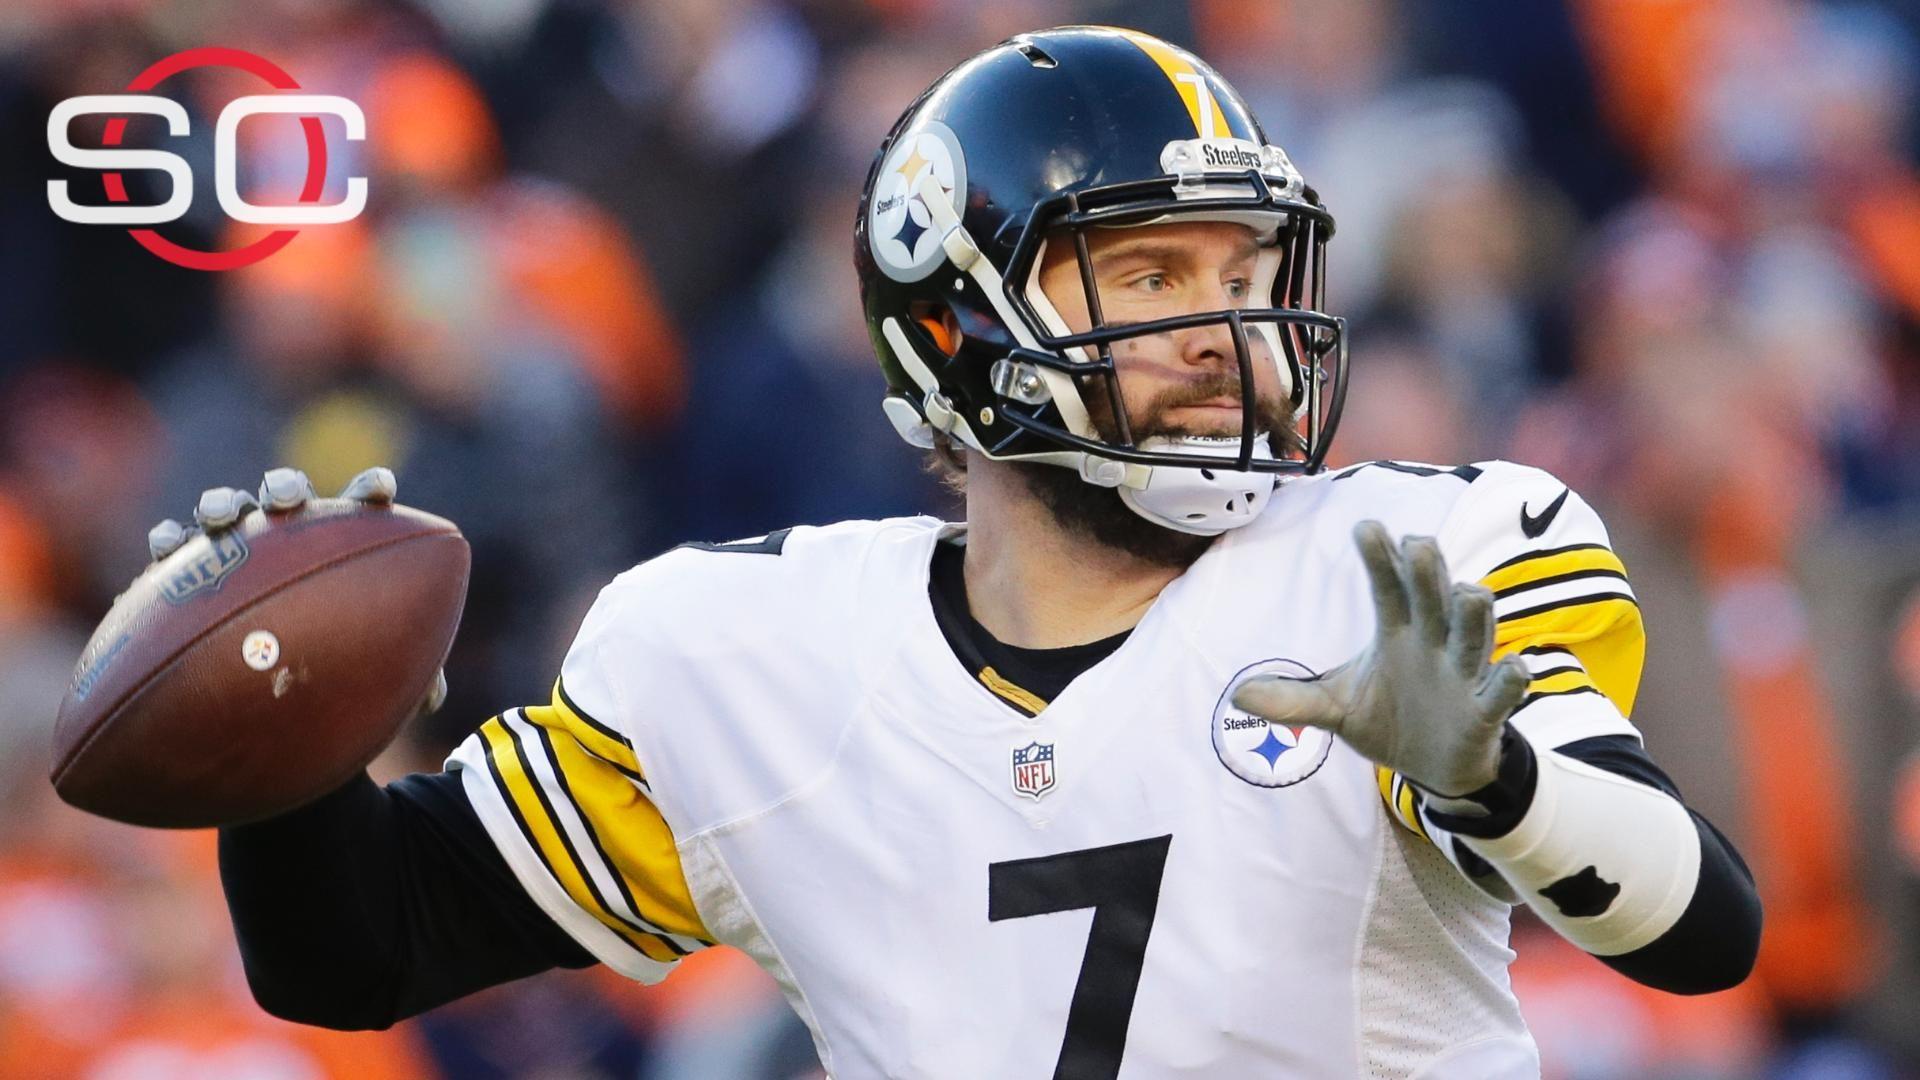 https://secure.espncdn.com/combiner/i?img=/media/motion/2016/0119/dm_160119_NFL_Big_Ben_Injury/dm_160119_NFL_Big_Ben_Injury.jpg